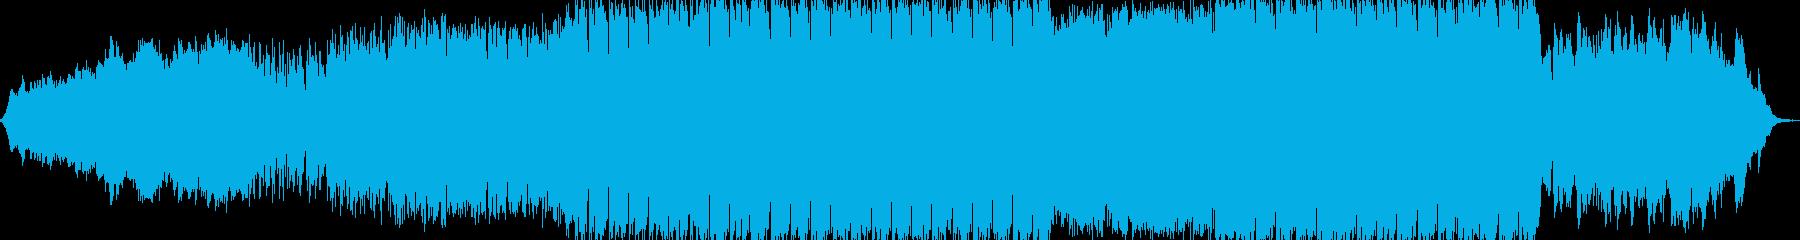 インストゥルメンタル ゴシックロックの再生済みの波形